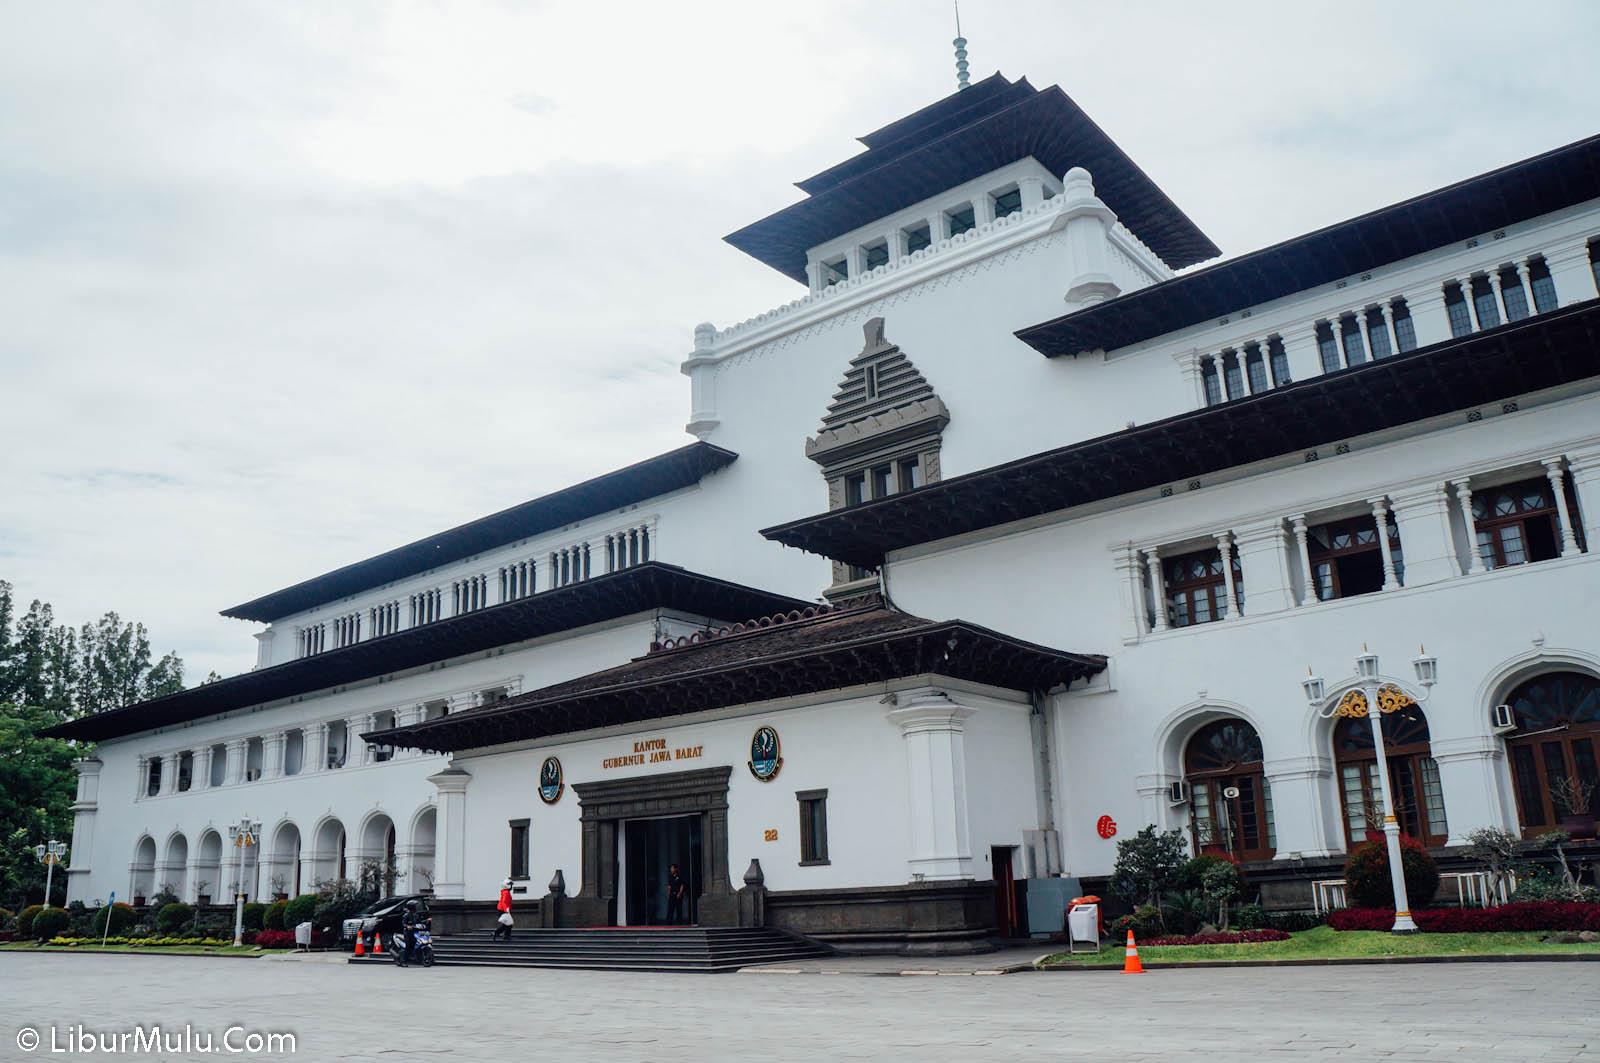 Gedung sate adalah gedung bersejarah di Bandung